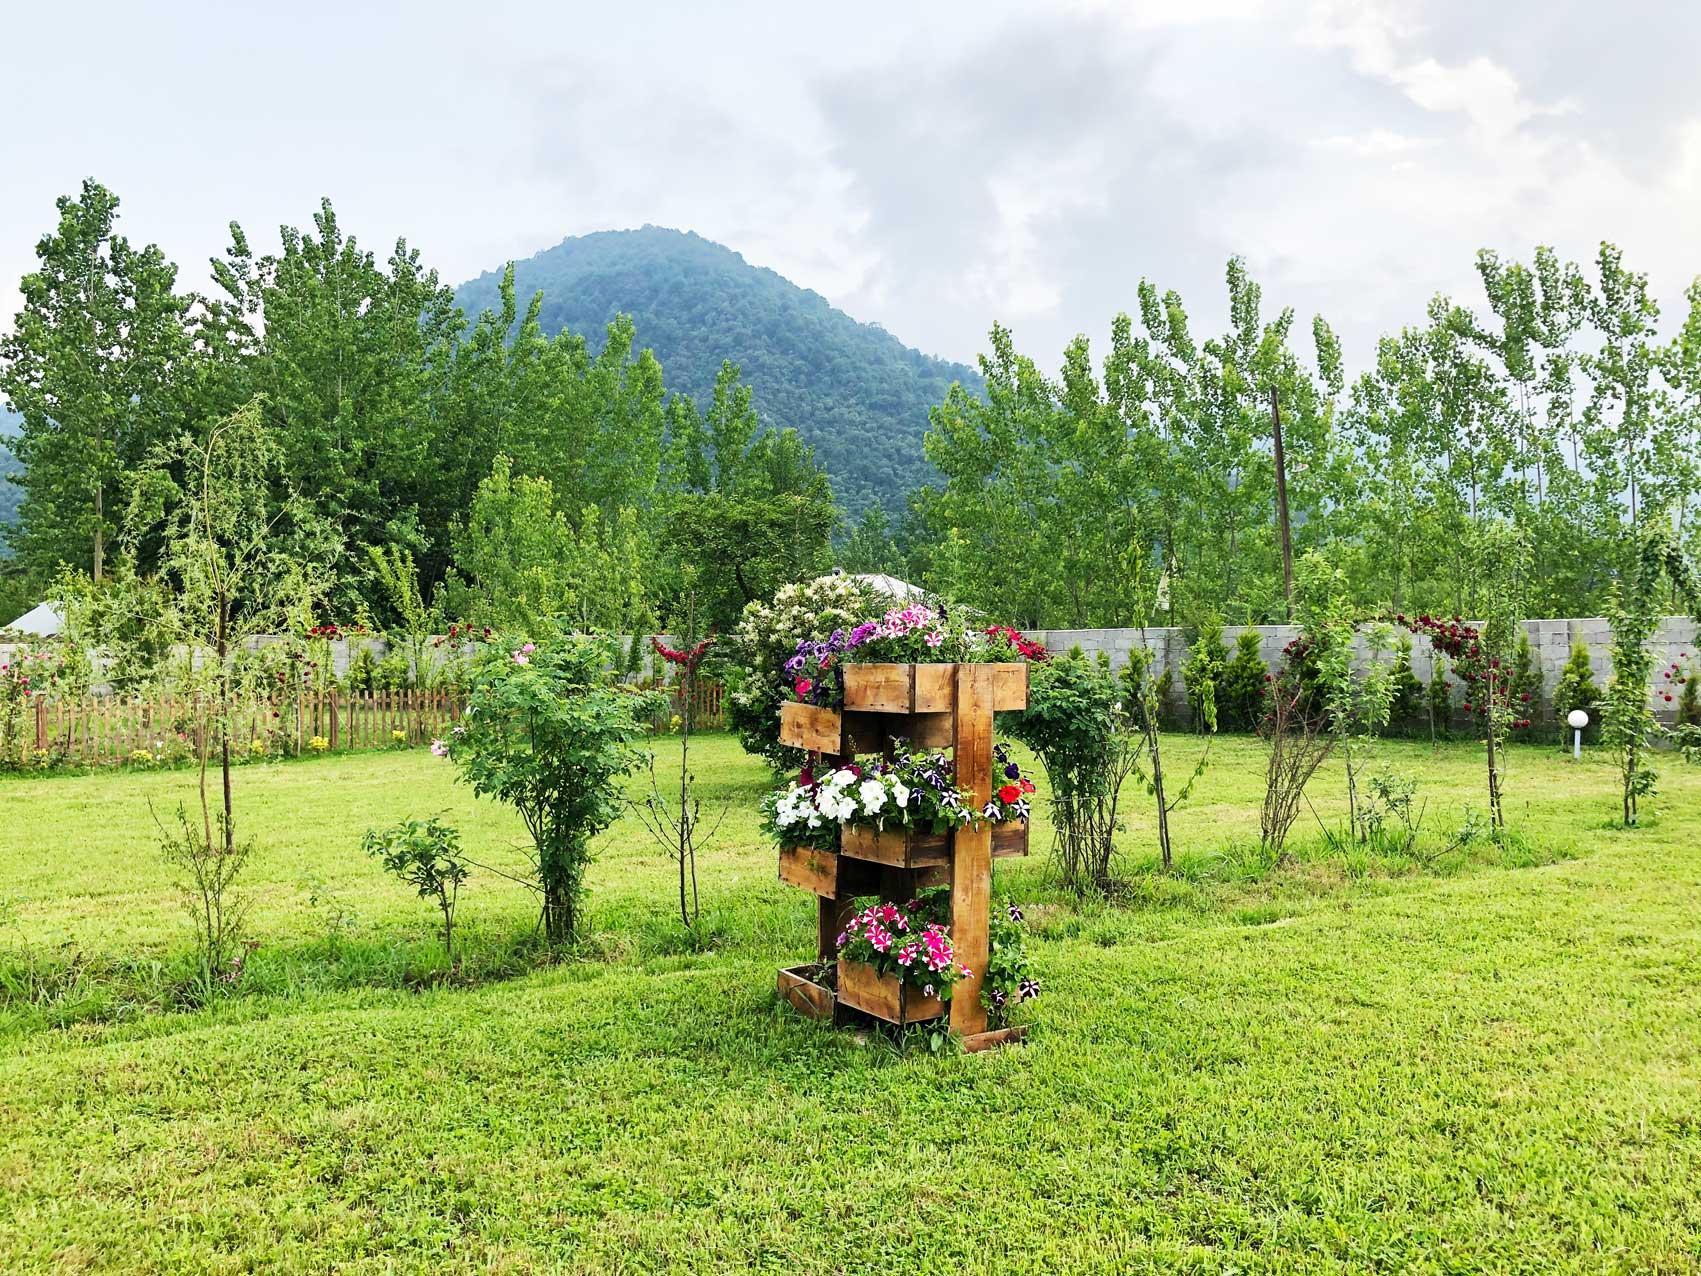 لحظاتی به یاد ماندنی در باغ سبز هتل راتینس ماسال